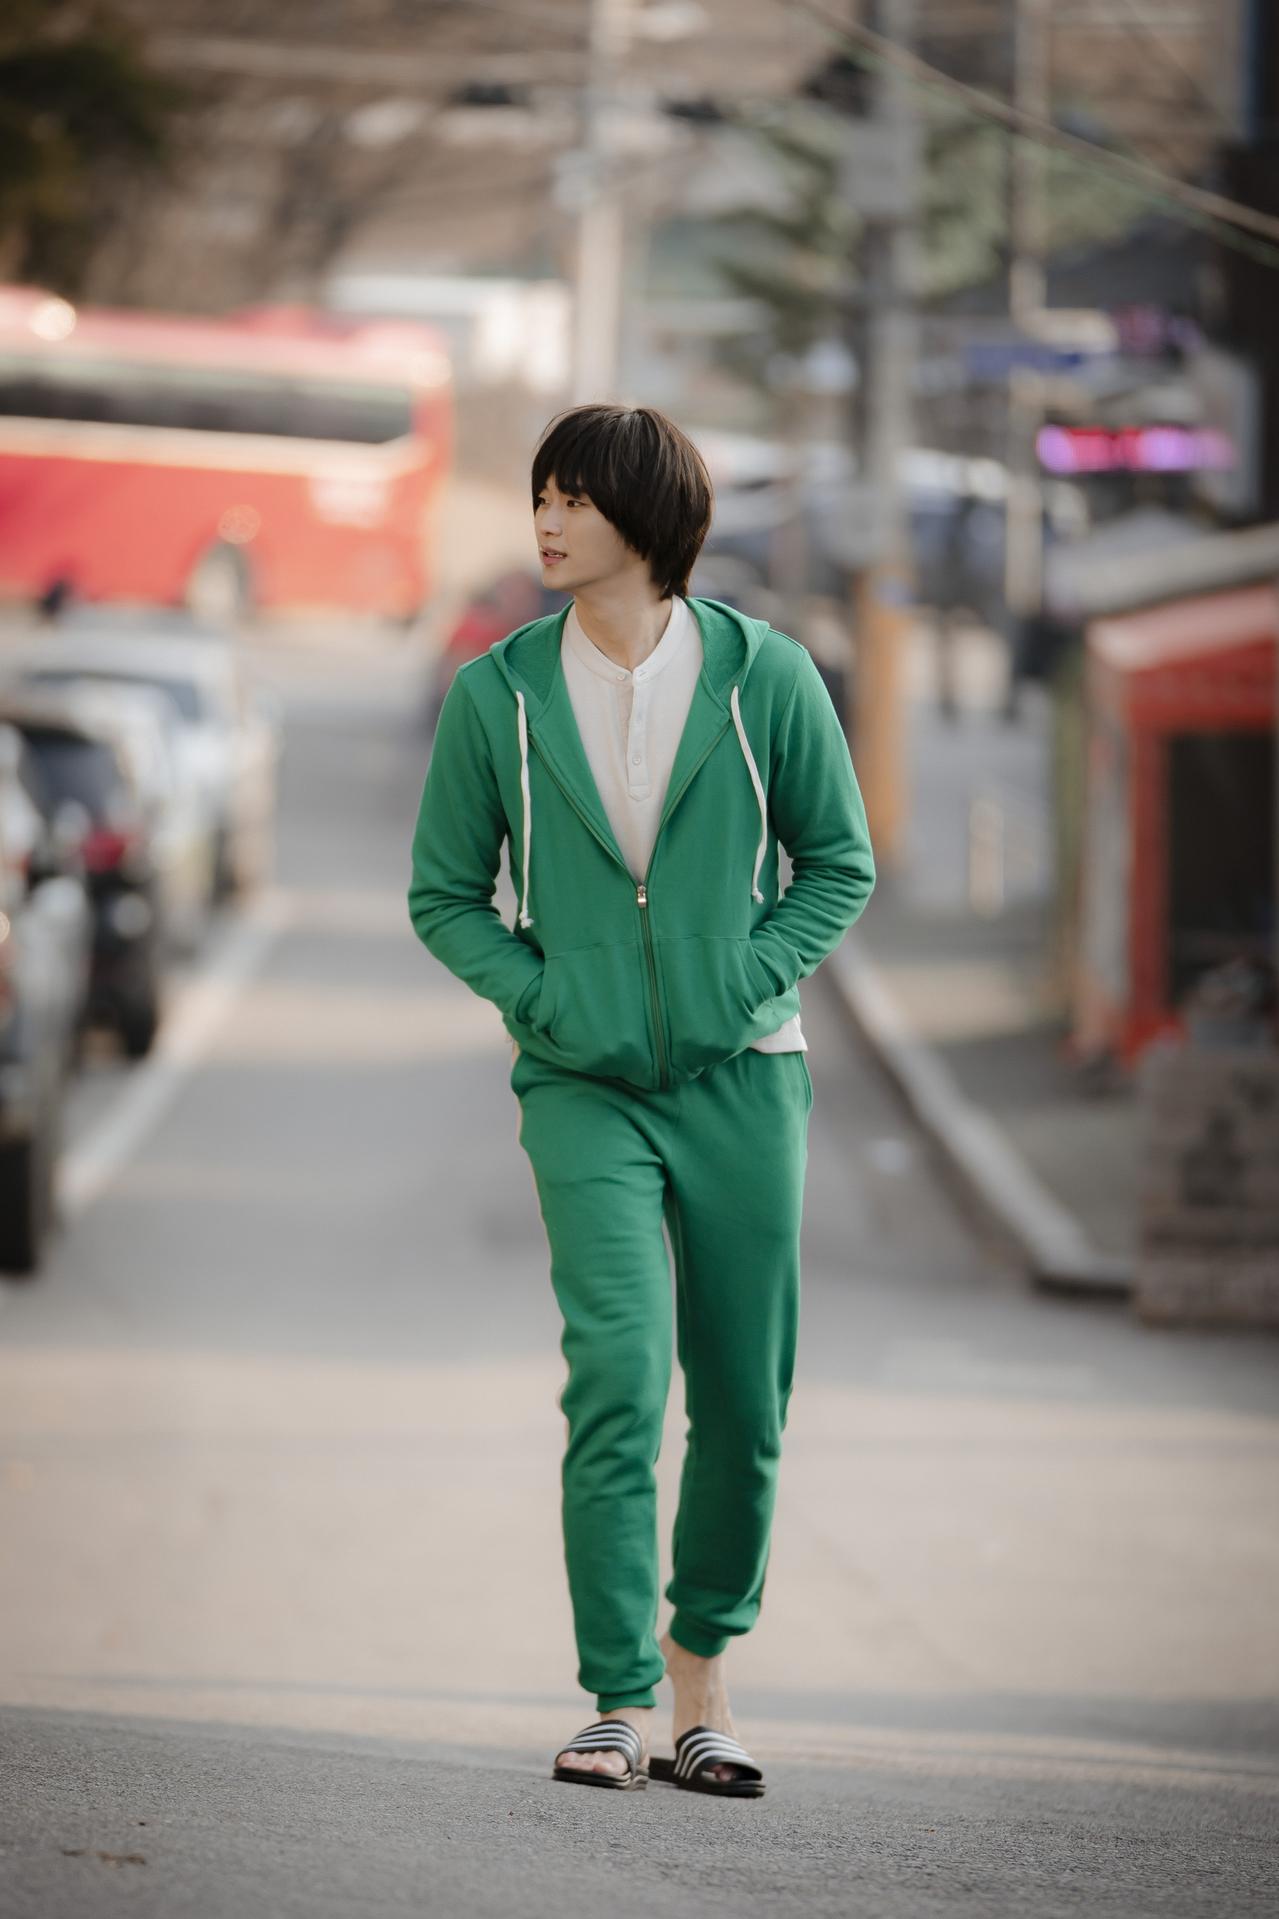 """Bên cạnh dàn diễn viên chính, sự góp của những khách mời """"xịn xò"""" như Kim Soo Hyun và sắp tới là Choi Ji Won khiến bộ phim thêm """"nhiệt"""". Ảnh: hk01"""